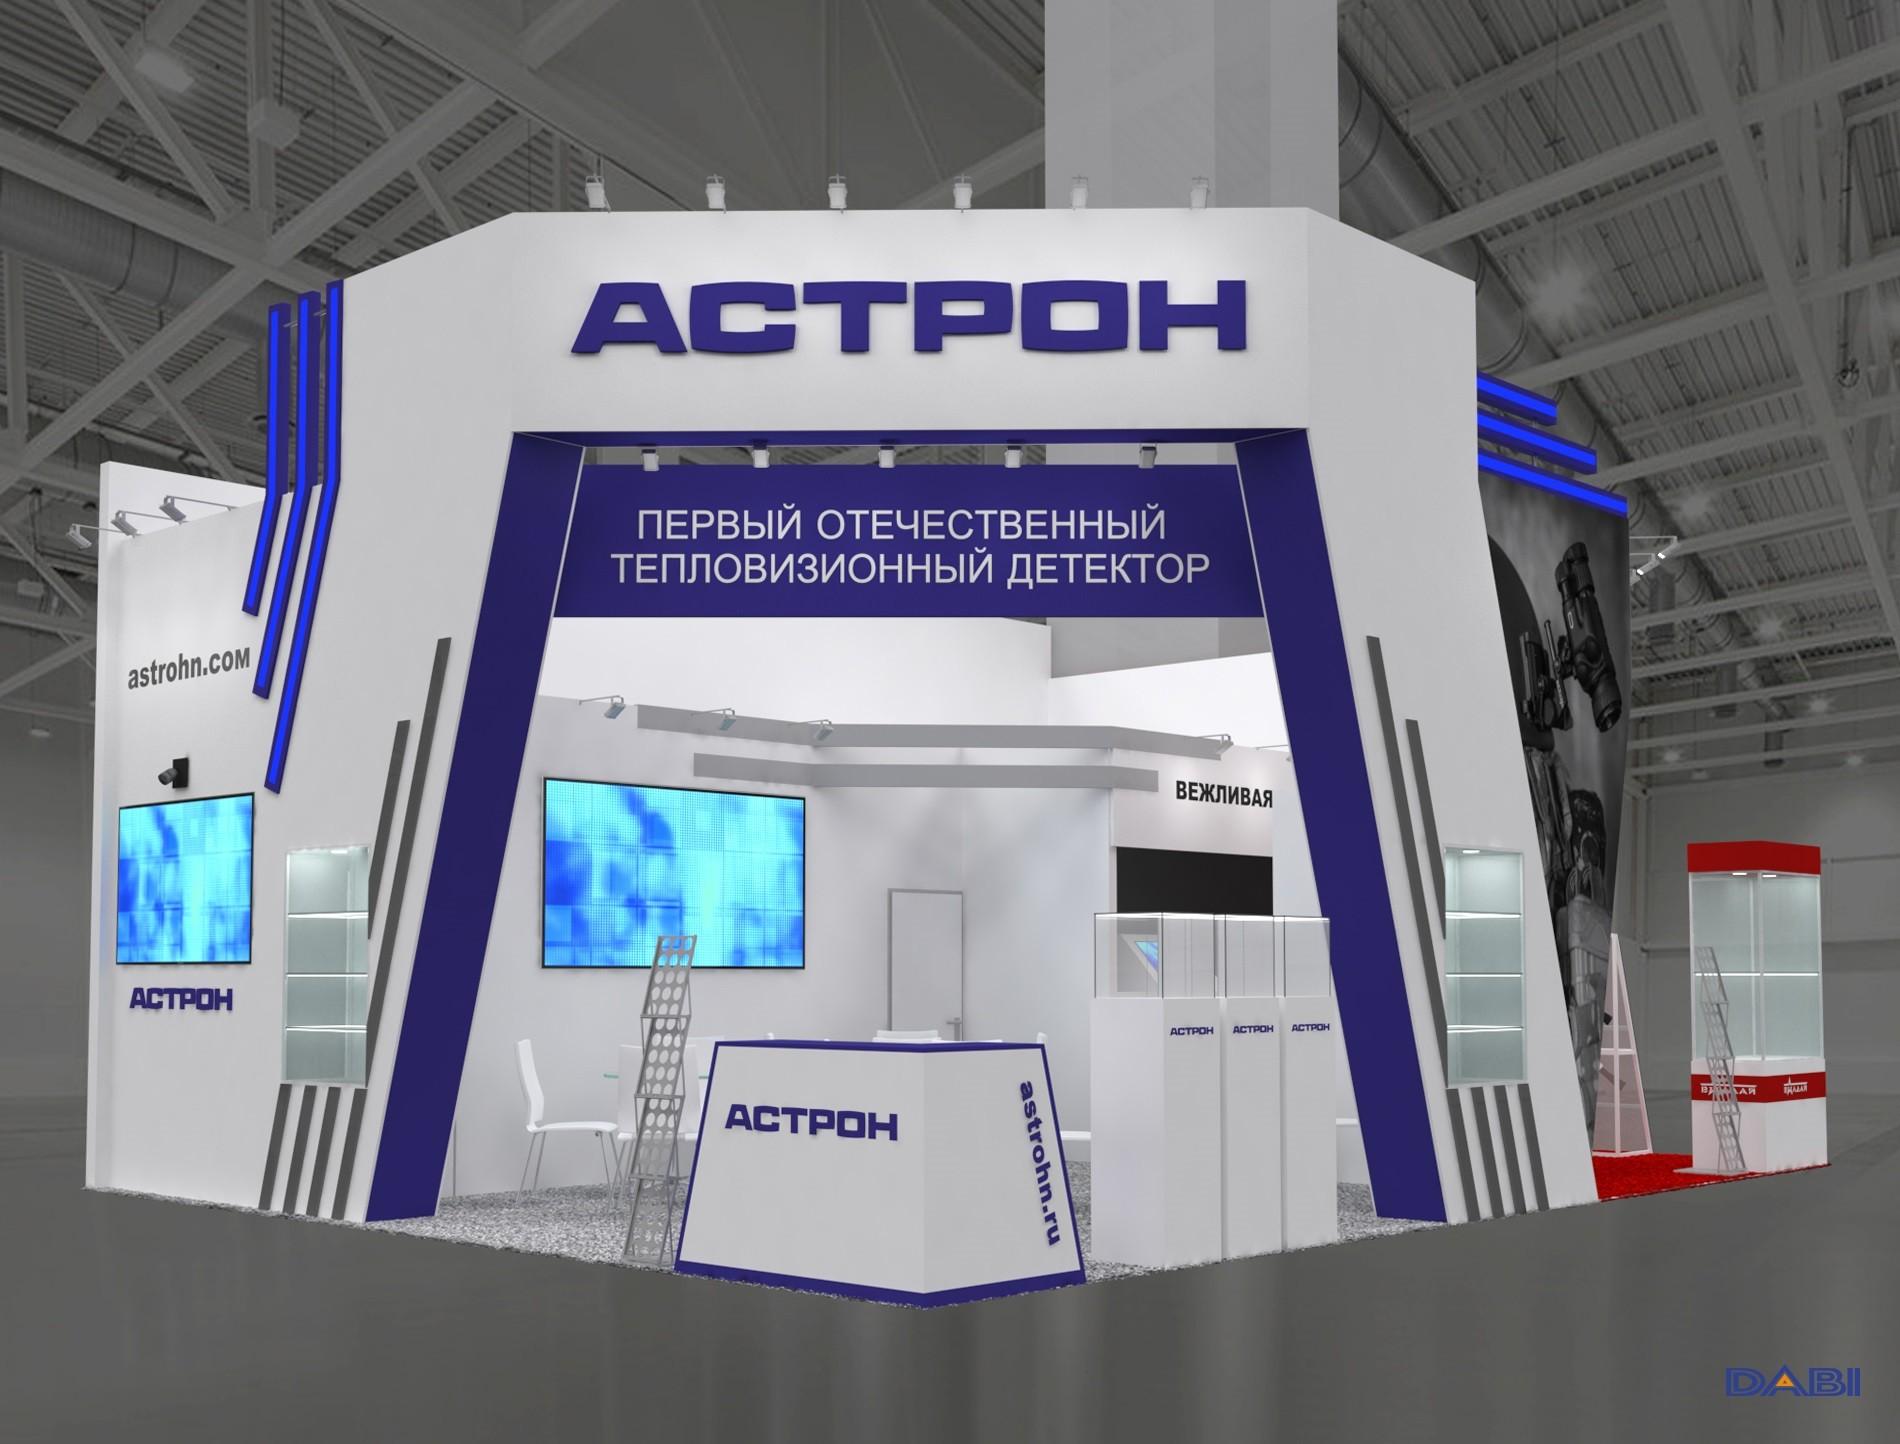 Специалисты АО «ОКБ «АСТРОН» готовятся представить новейшее оборудование на форуме «АРМИЯ-2019».